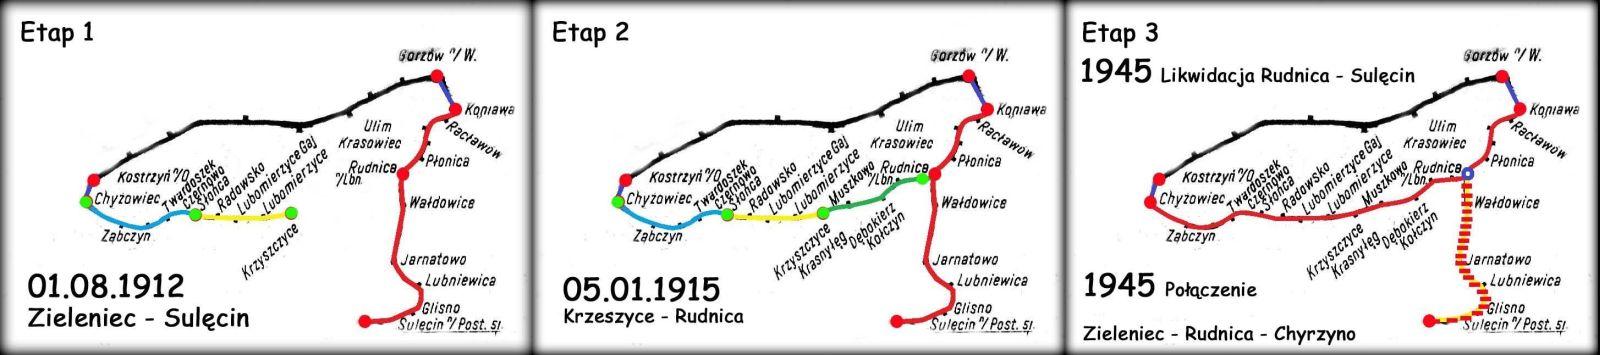 Etapy zmiany roli stacji Rudnica. Pierwszy widok przedstawia ją na linii Zieleniec - Sulęcin. Drugi etap powiększa jej rolę, po dobudowaniu kolei prywatnej z Krzeszyc. Trzeci etap mówi już o jej ostatecznym kształcie, to jest połączeniem kolei państwowej i prywatnej w Rudnicy i likwidacją w 1945 trasą do Sulęcina.